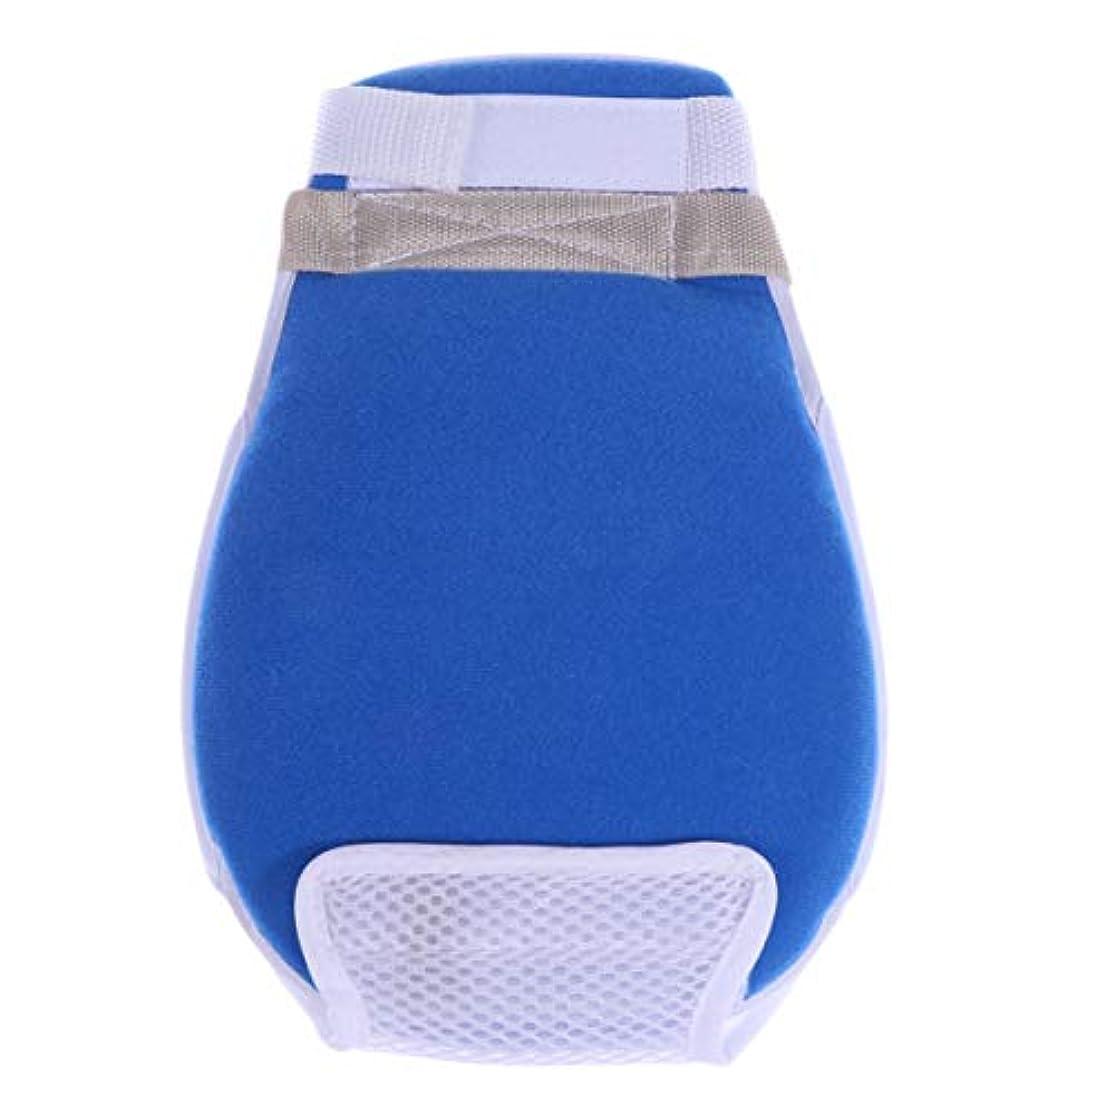 降ろす罪収入Healifty 医療用手袋傷防止抗引っ張り保護手袋患者の年配の女性男性用の手結束バンド1個(青)